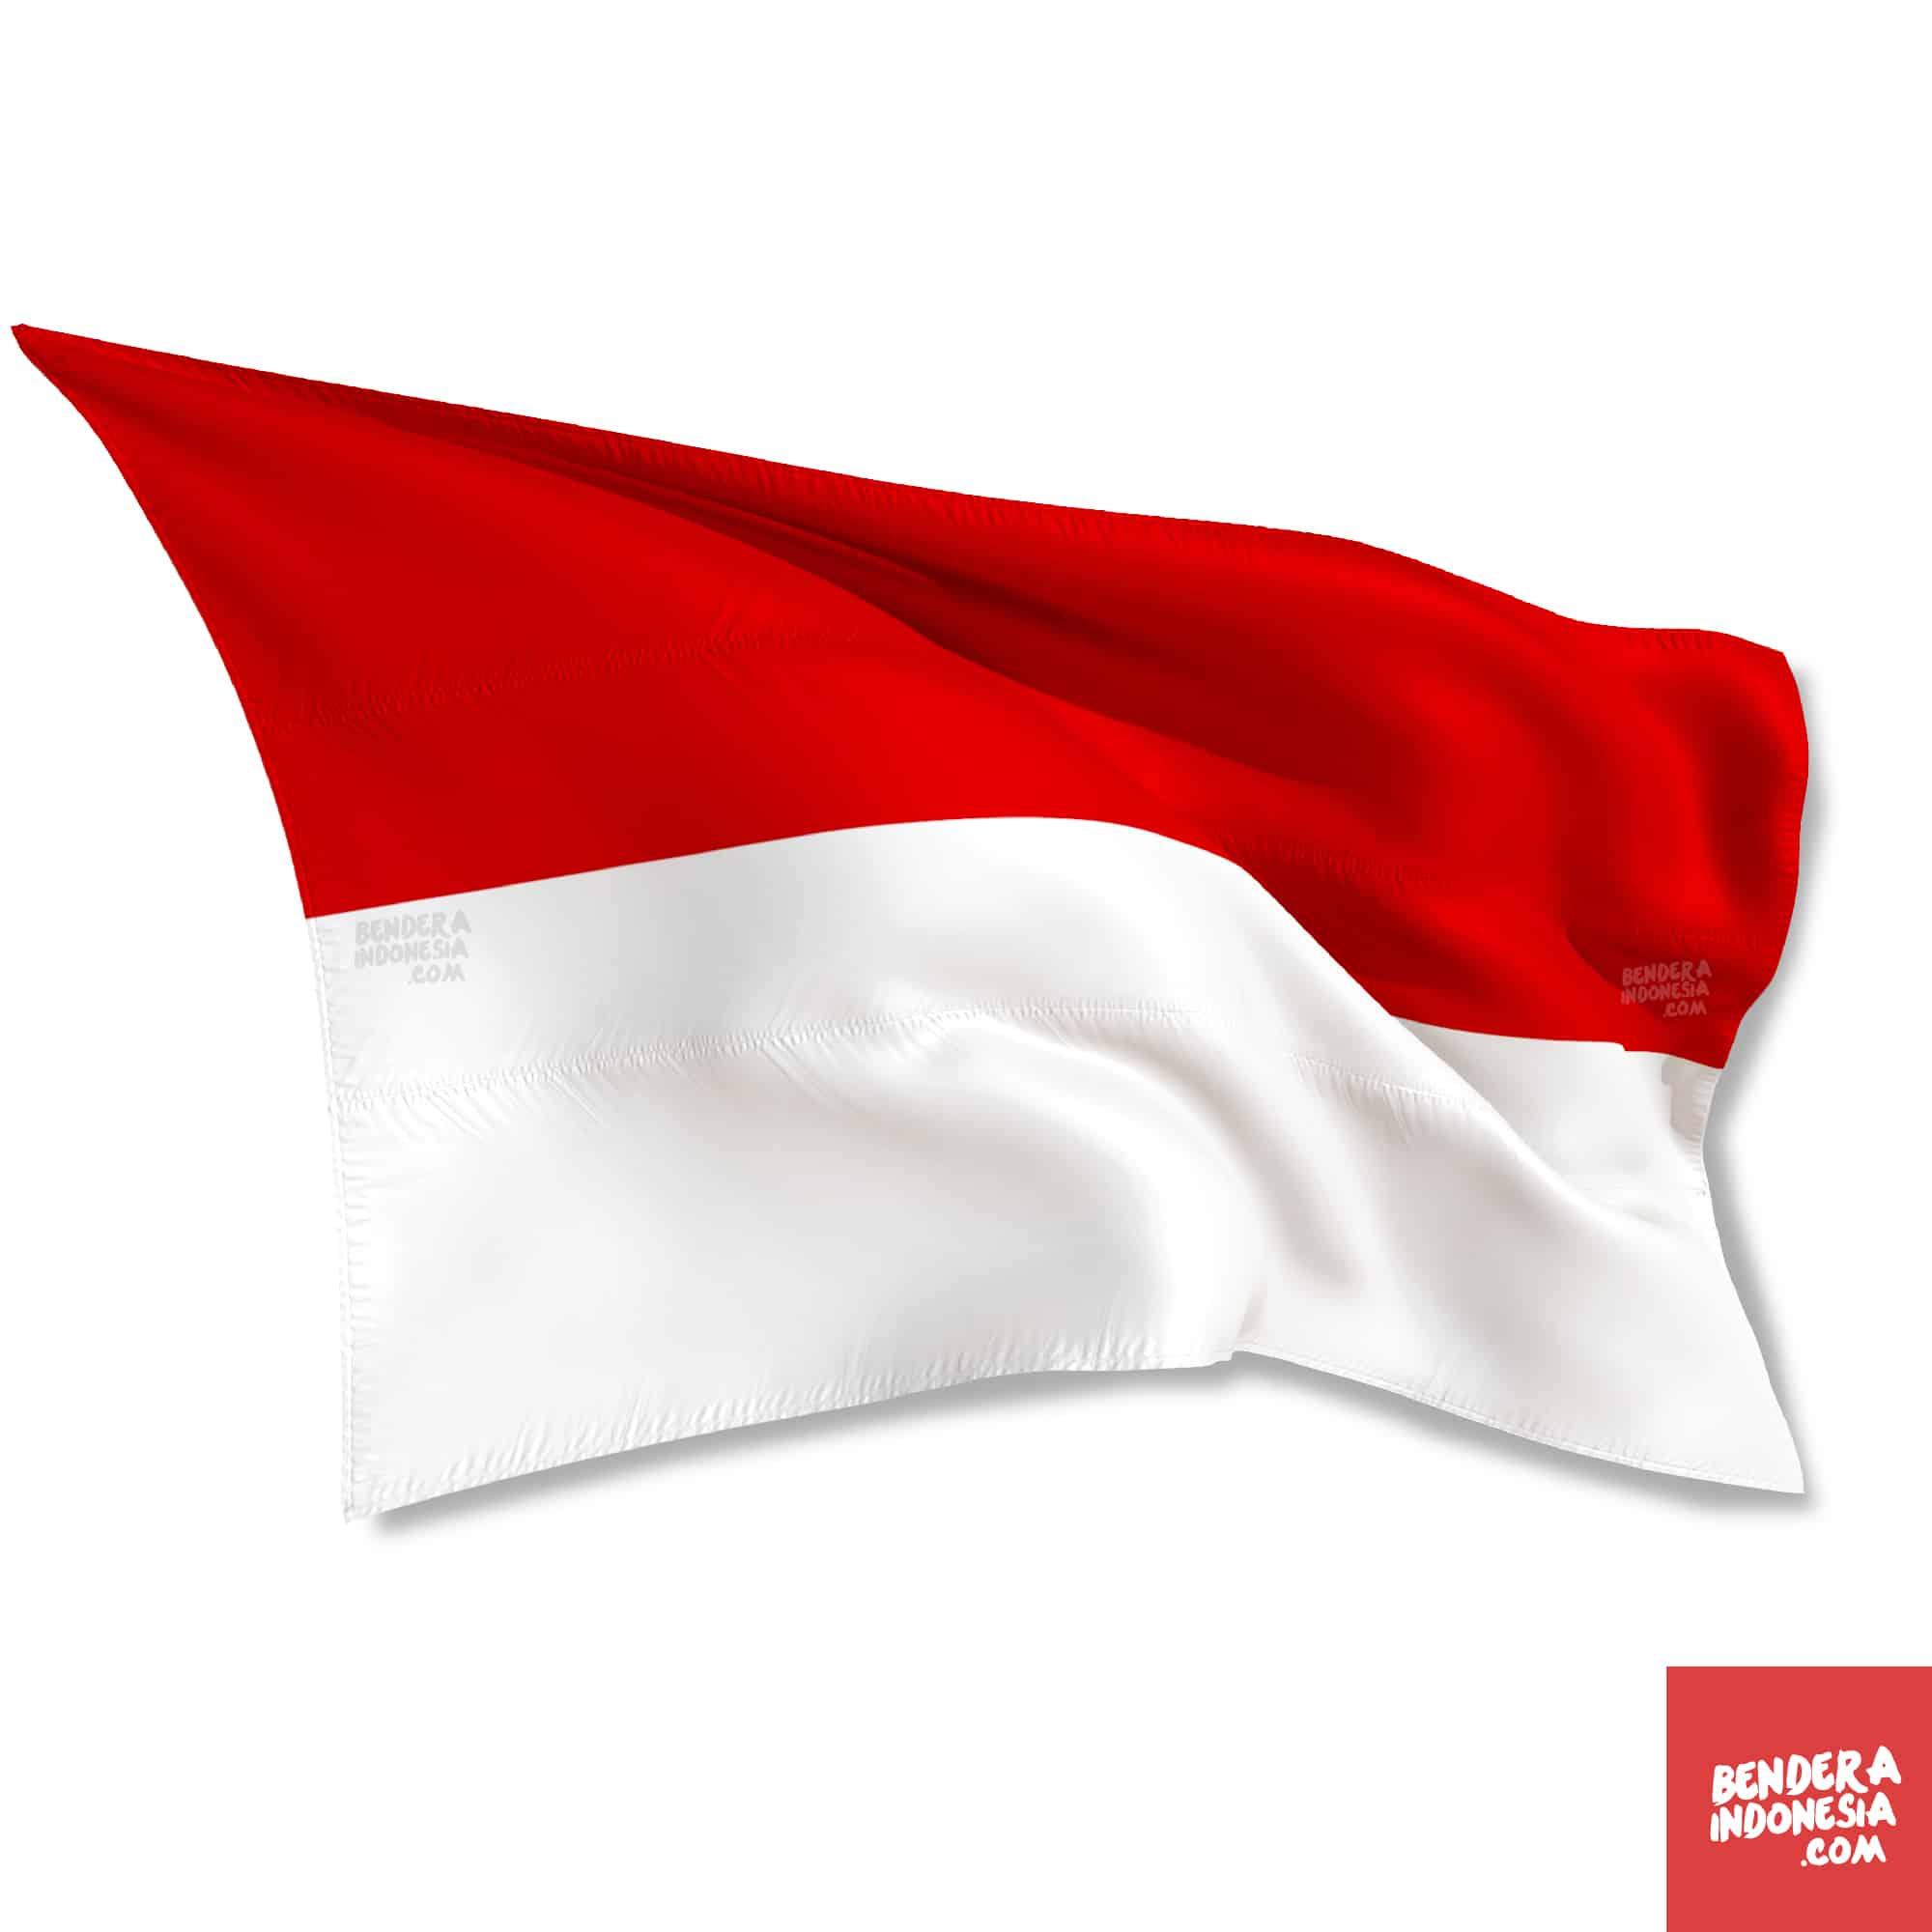 bendera_merah putih